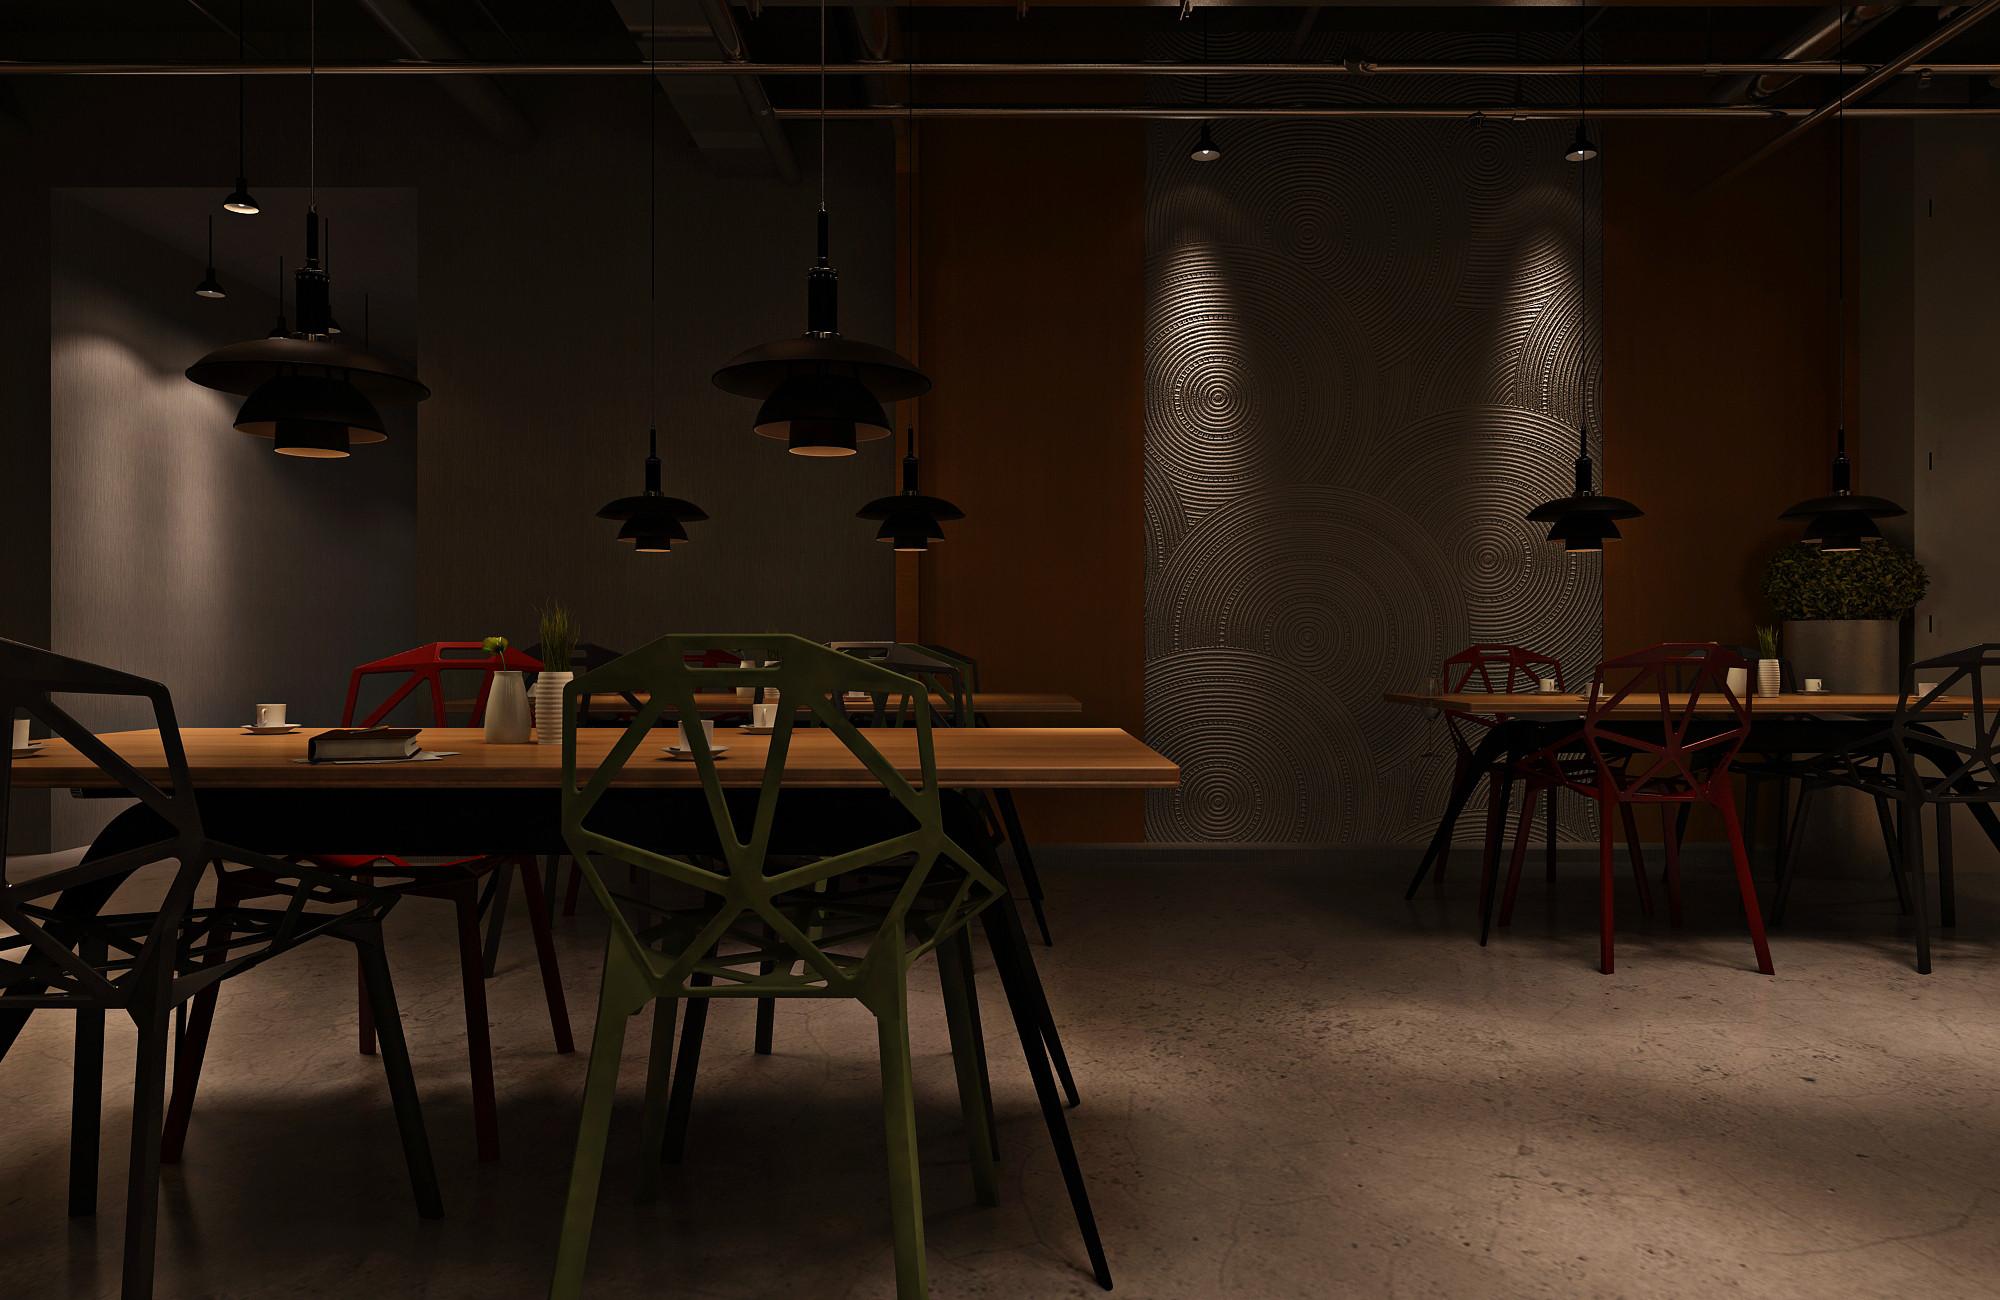 复古工业风酒吧装修灯具图片